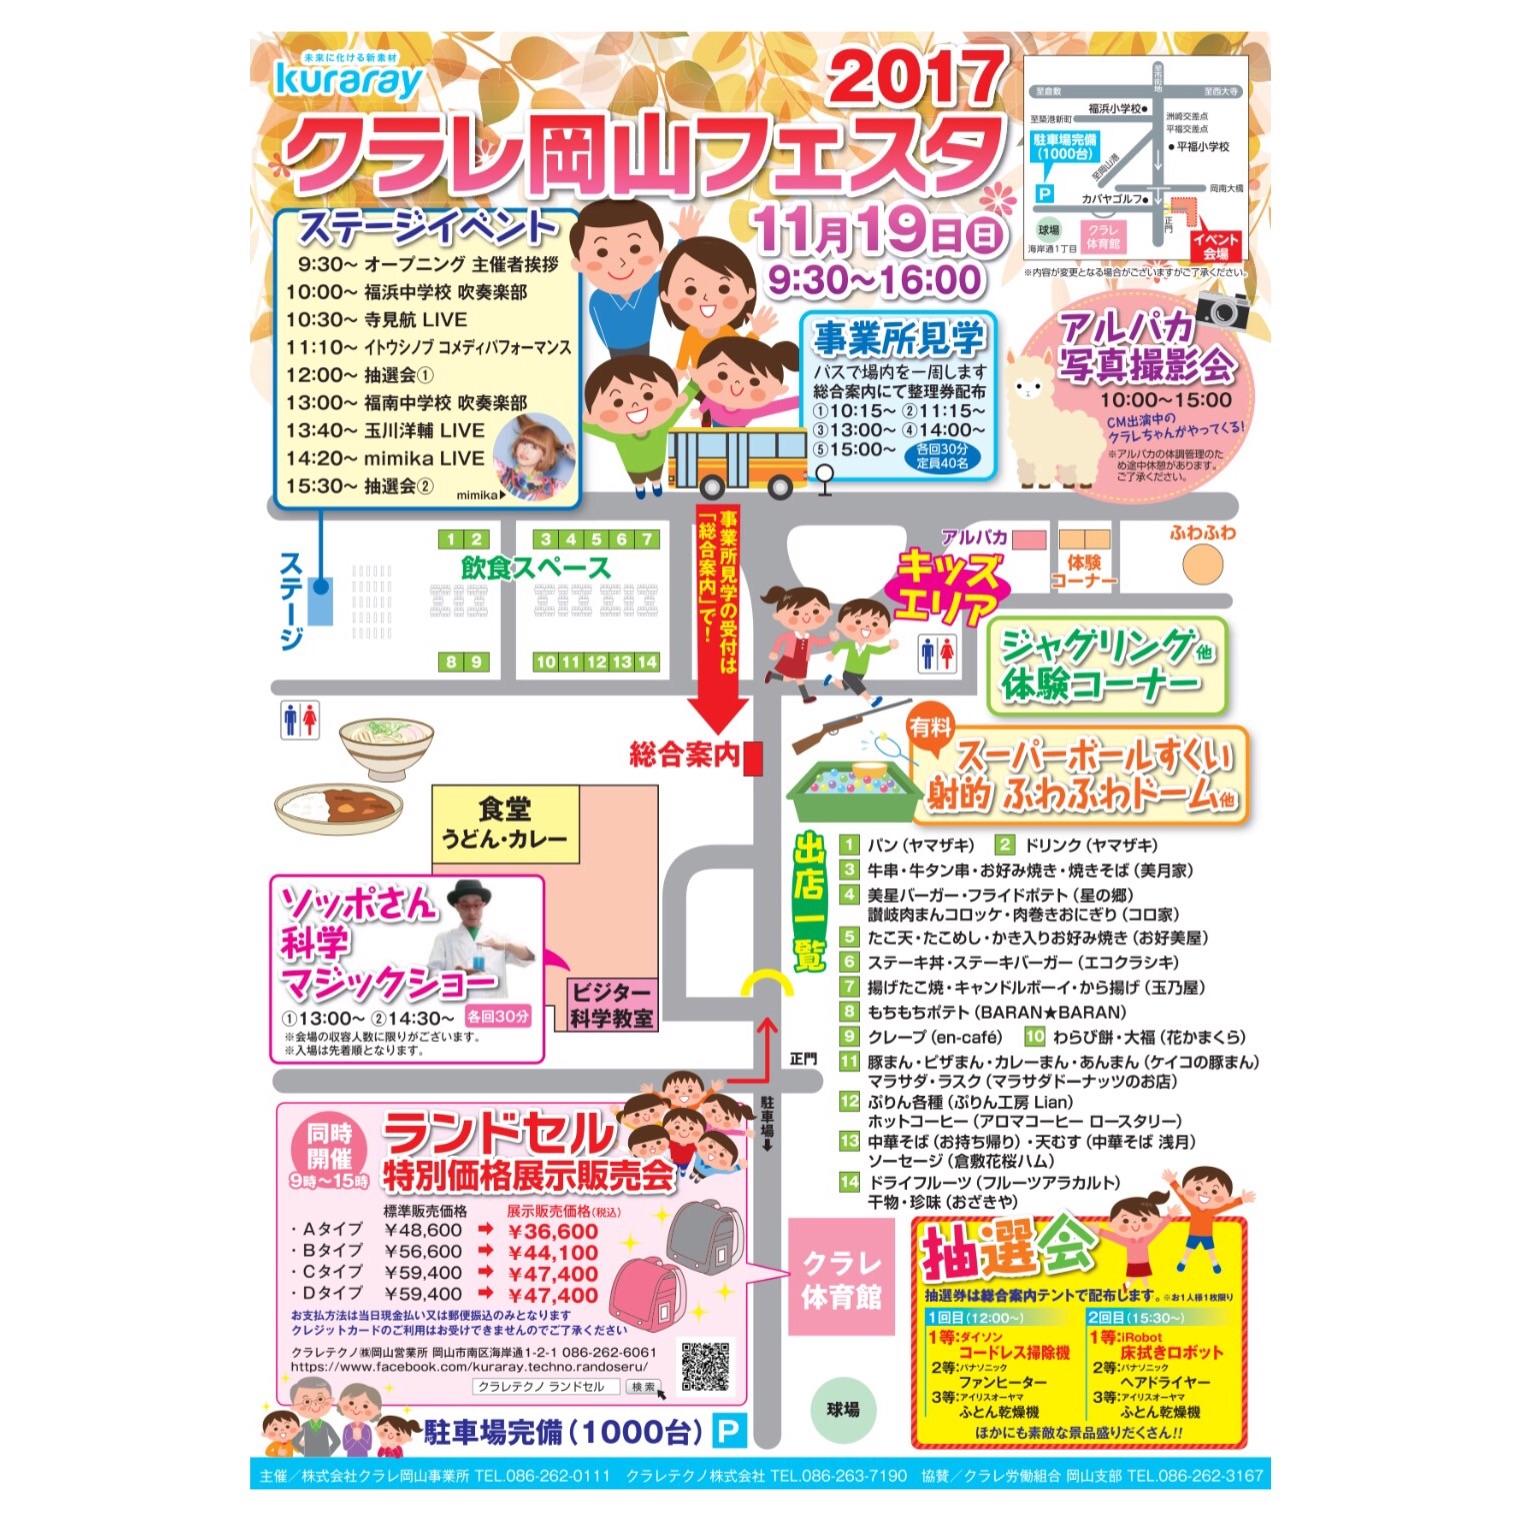 f:id:Yosuke0912:20171113201902j:image